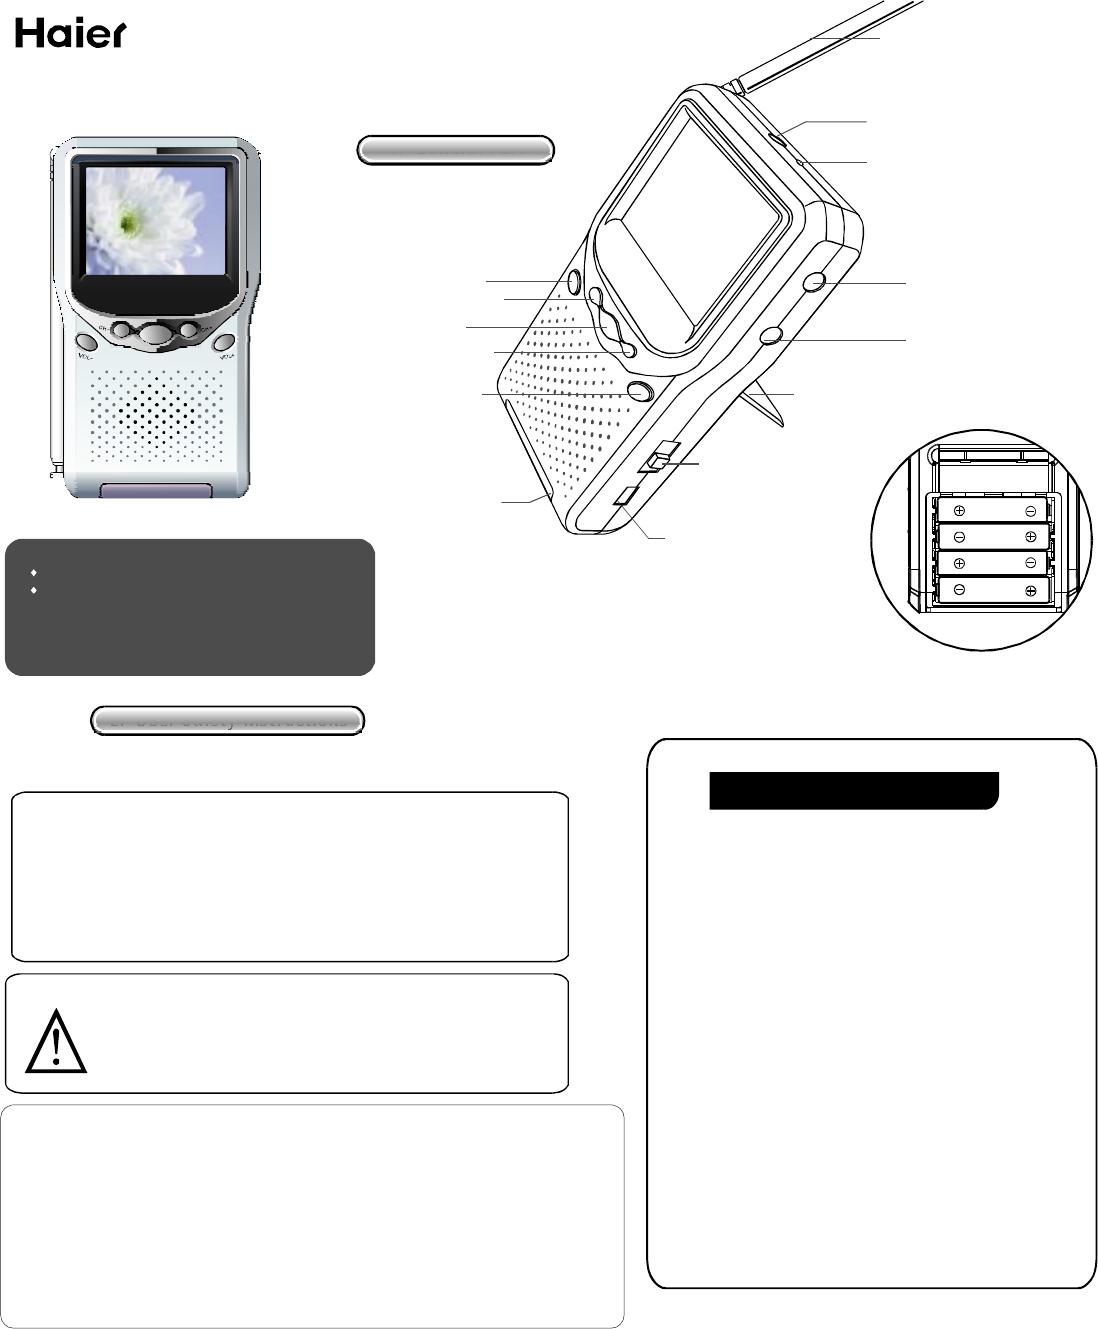 Haier LCD258 Handheld TV User Manual